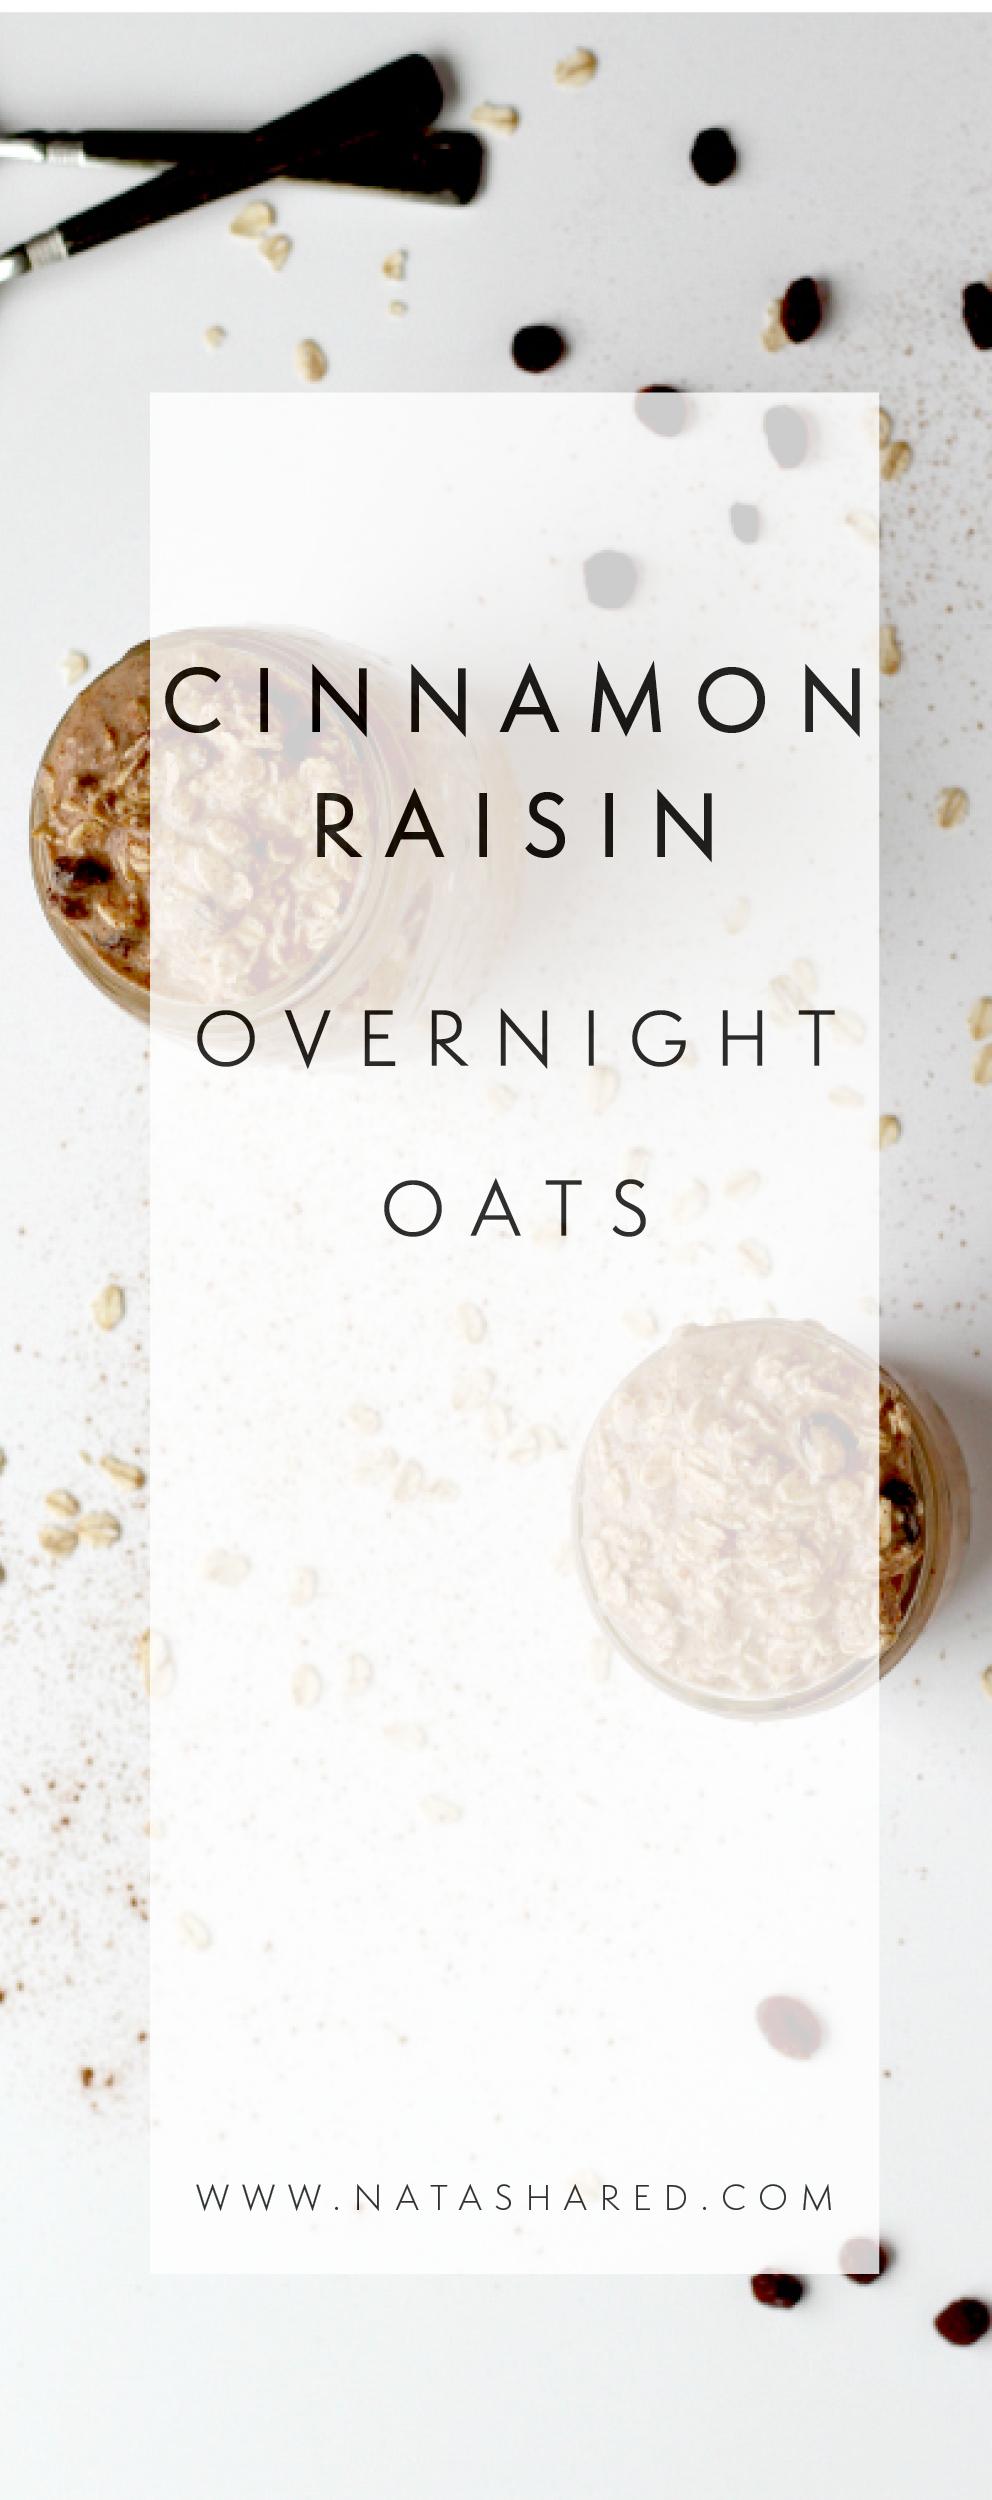 Cinnamon Raisin Overnight Oats | Overnight Oats Club